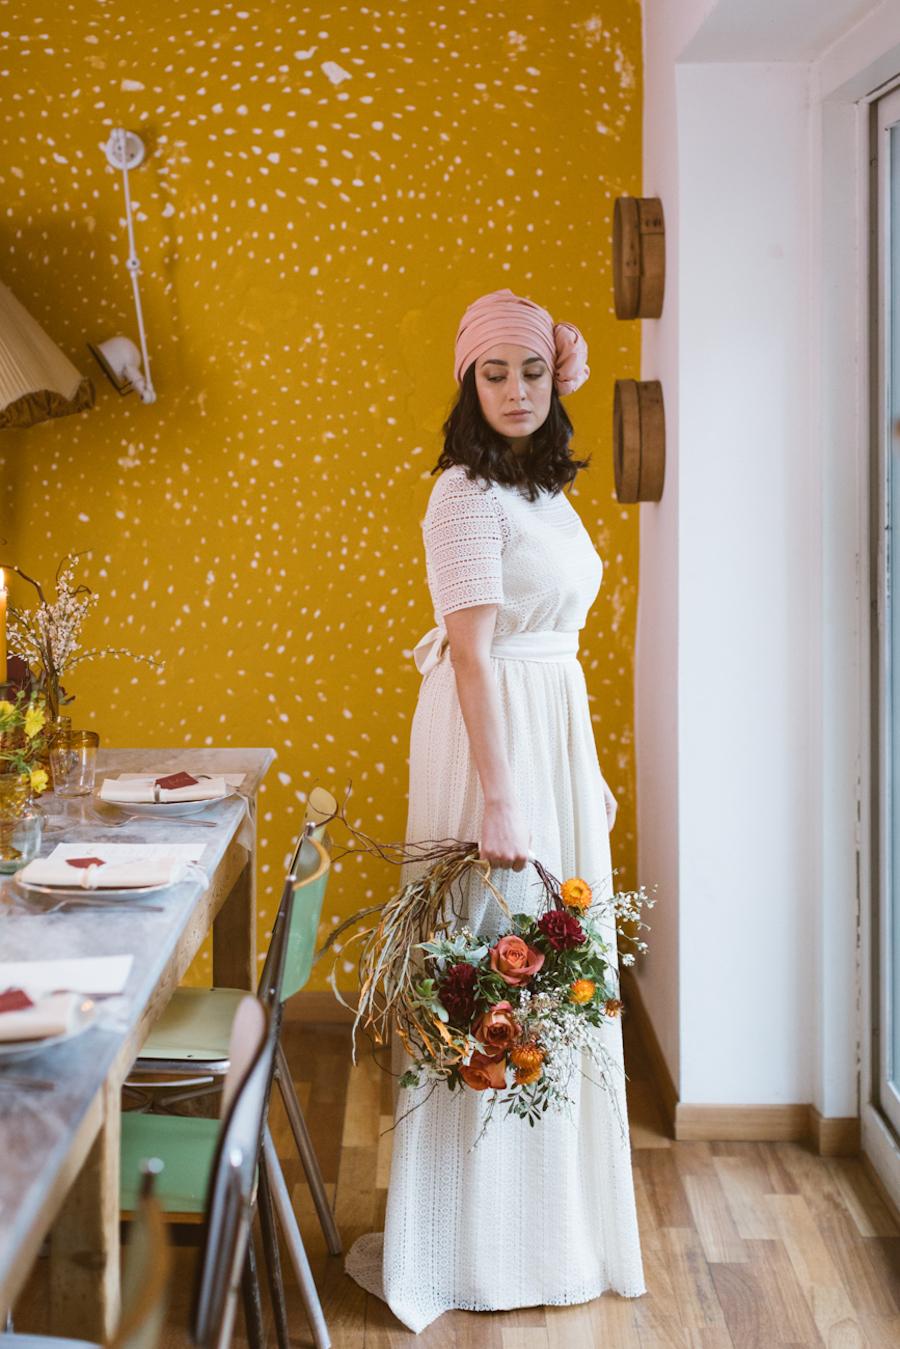 Bouquet Sposa Anni 70.Ispirazione Vintage Anni 70 Wedding Wonderland